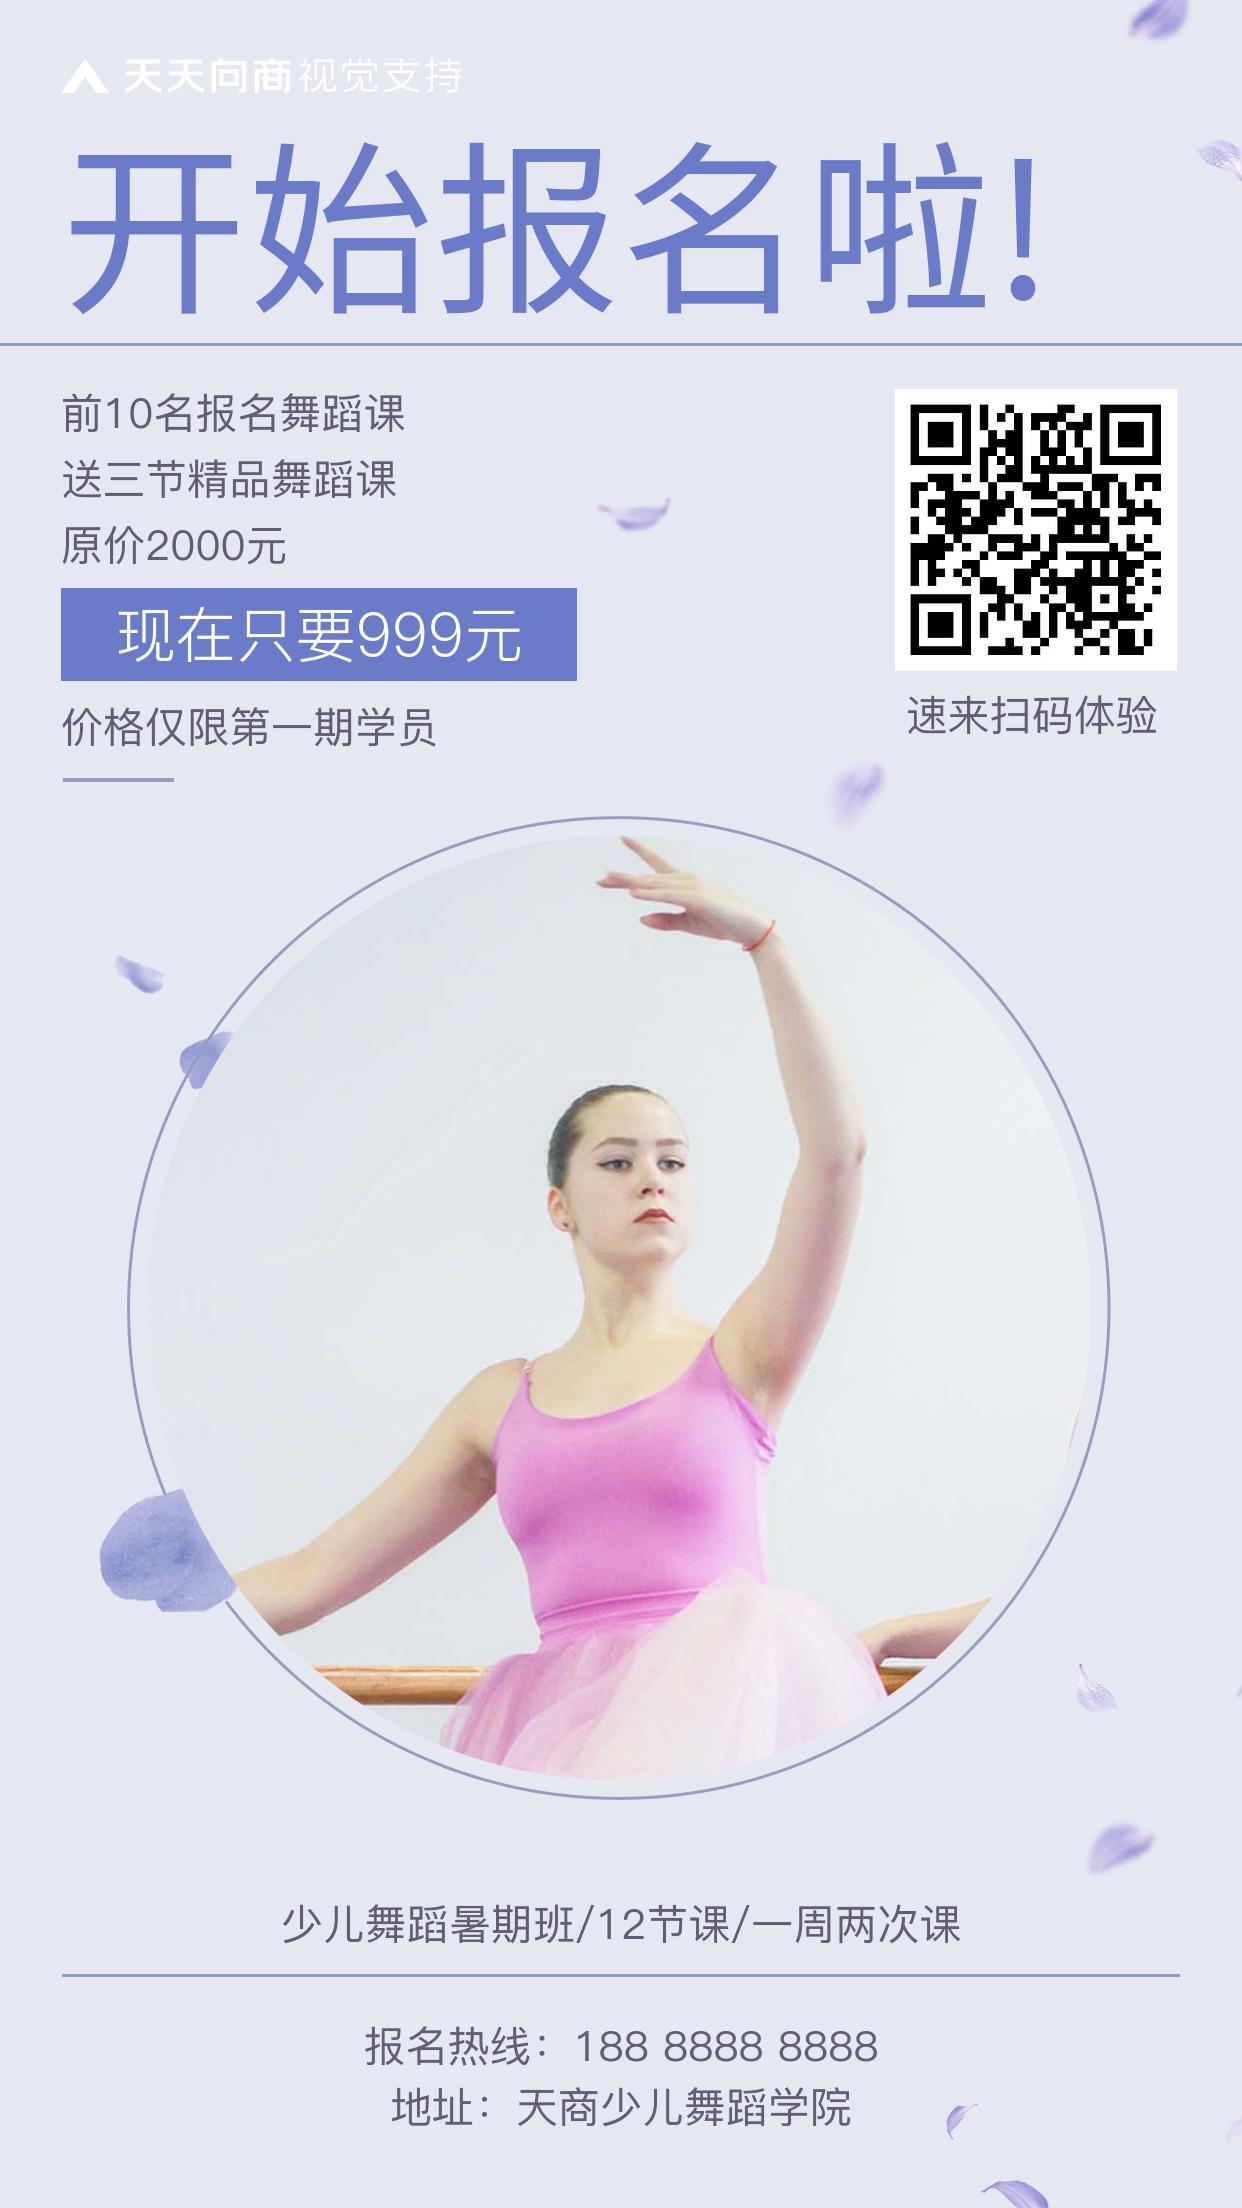 兴趣班舞蹈培训招生开课